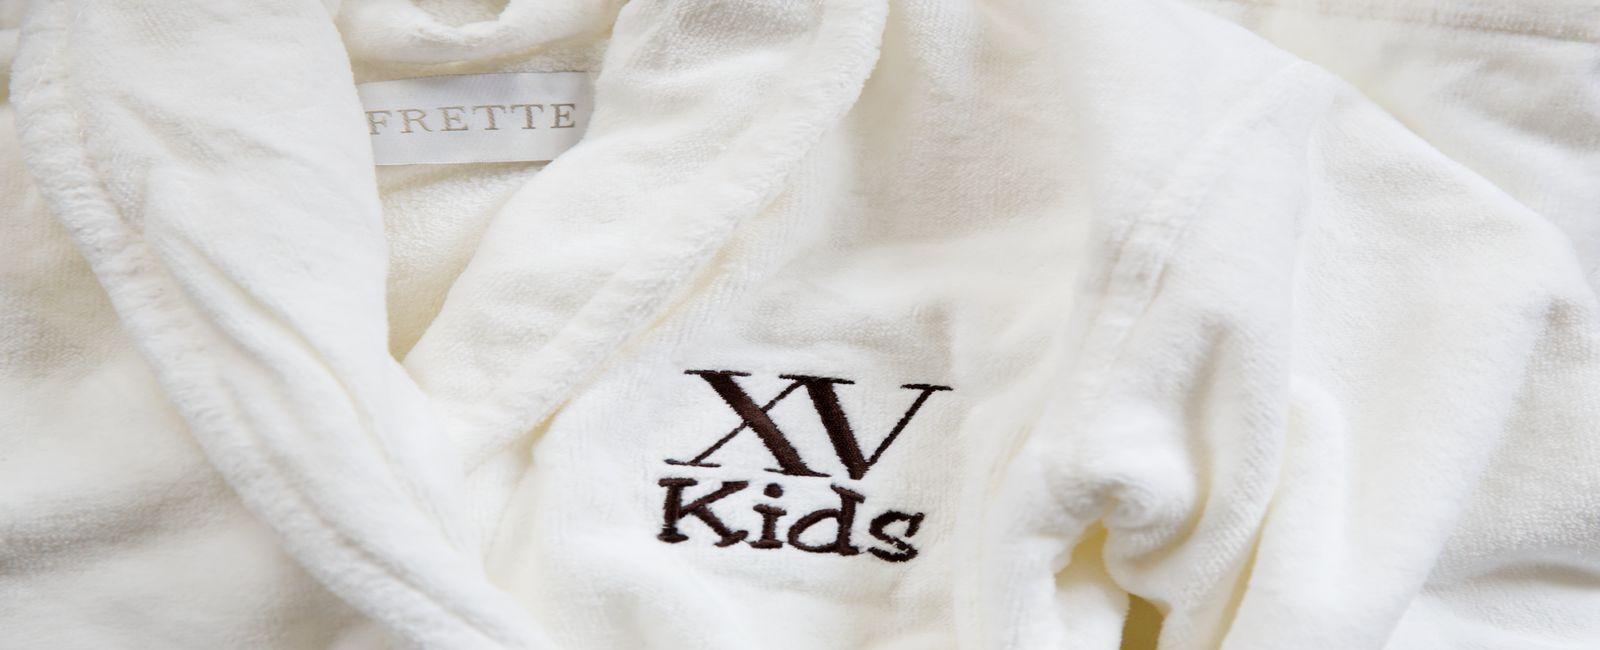 customized frette bathrobes for kids